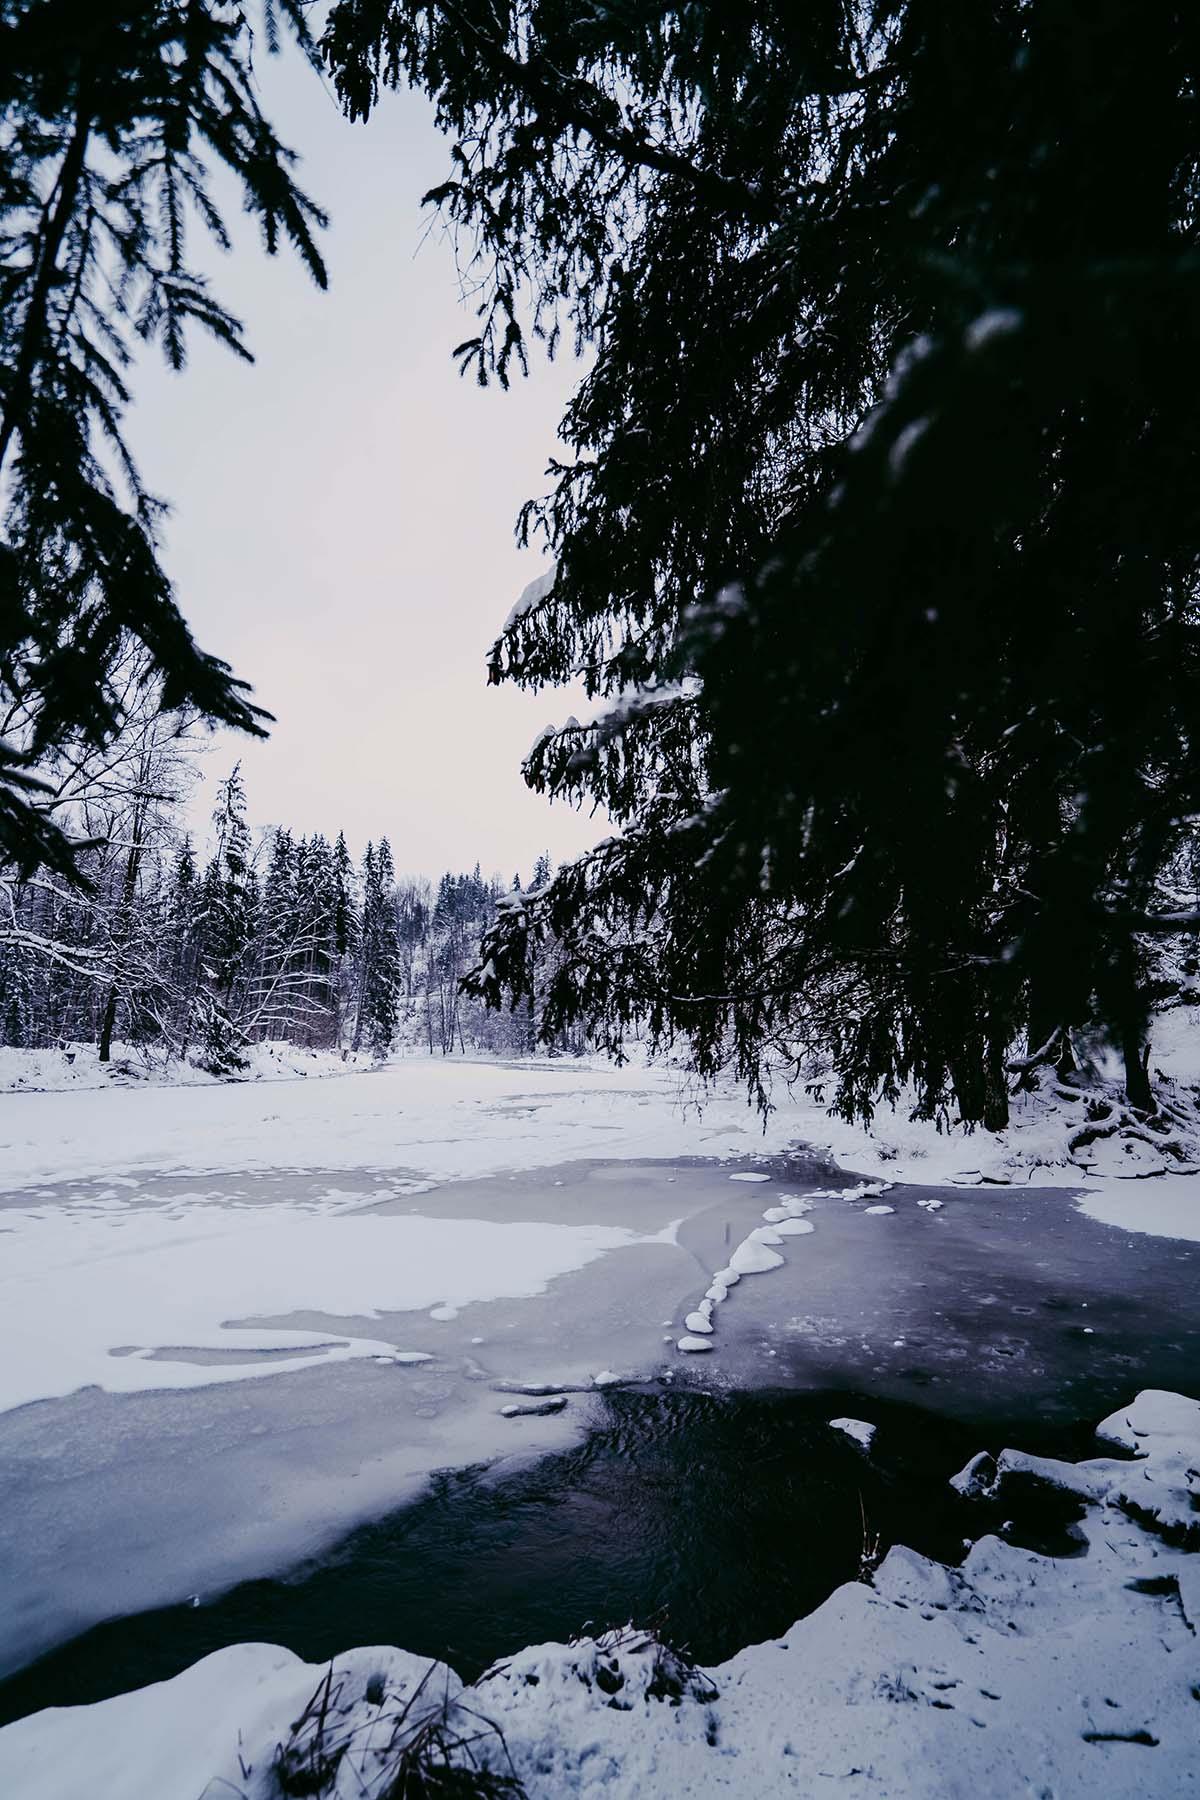 ilz-winter-schnee-eis